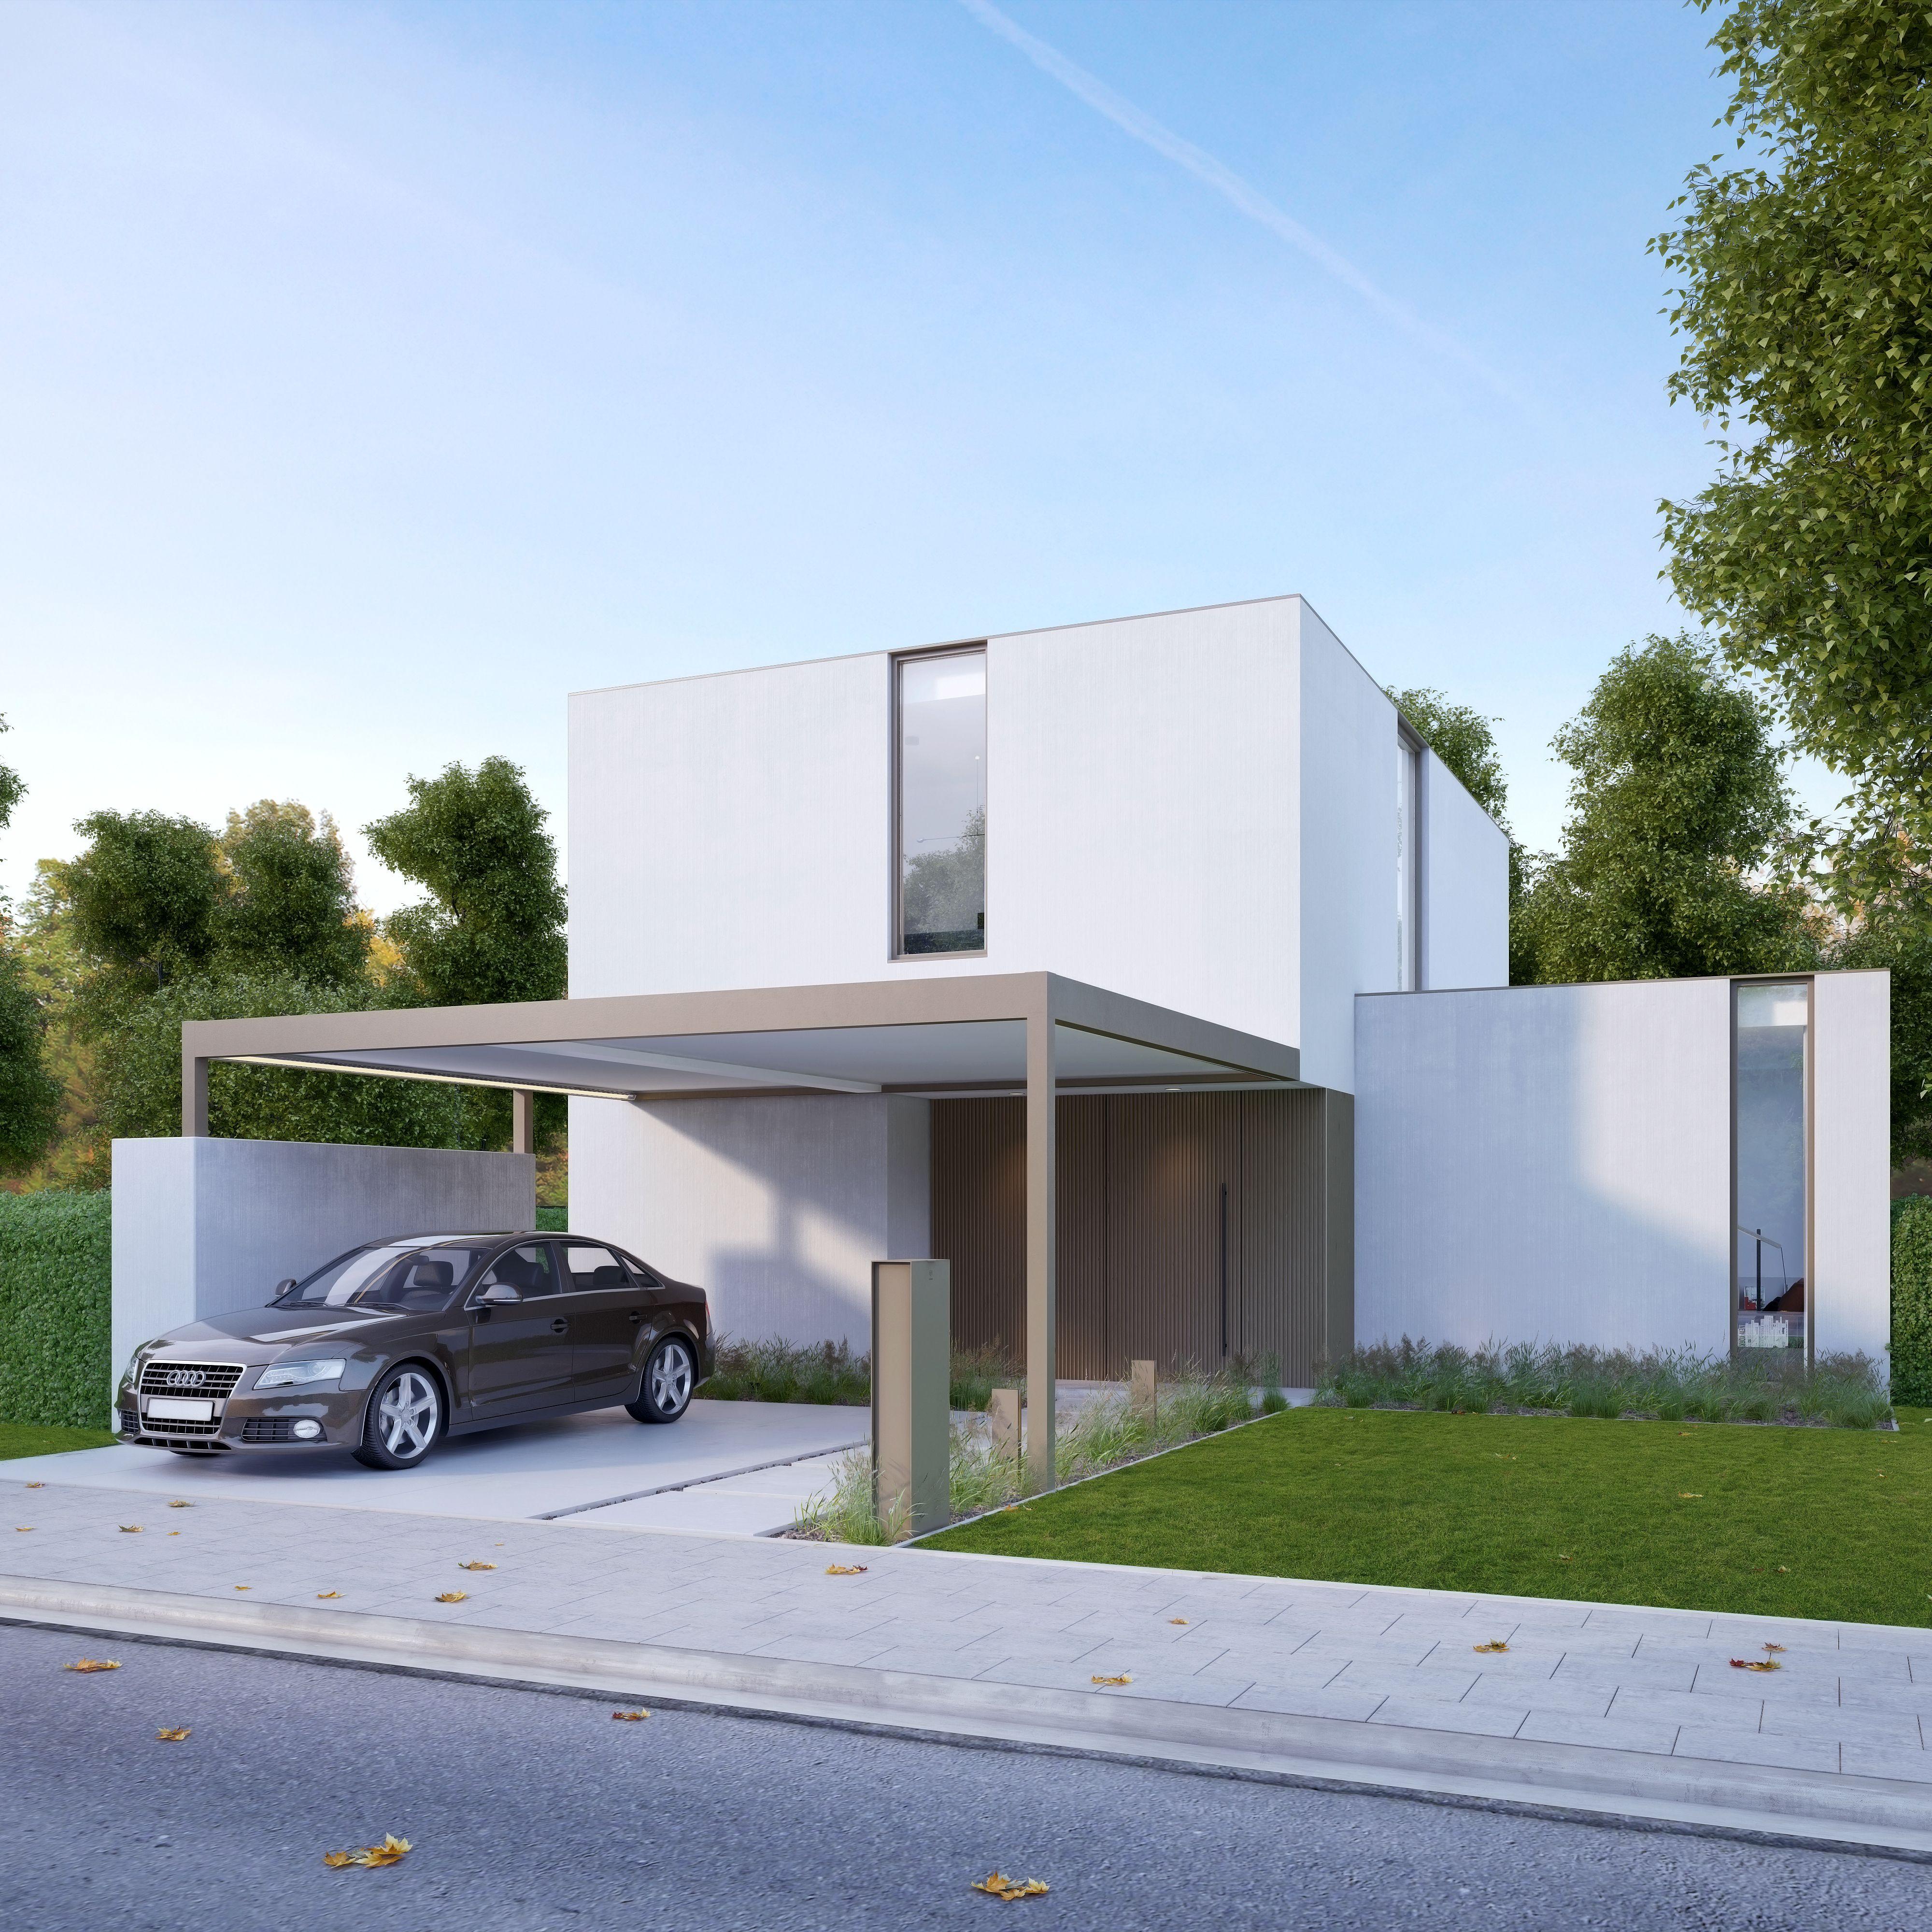 Renson Canvas: Terrassenüberdachung und Carport in einem Design ...